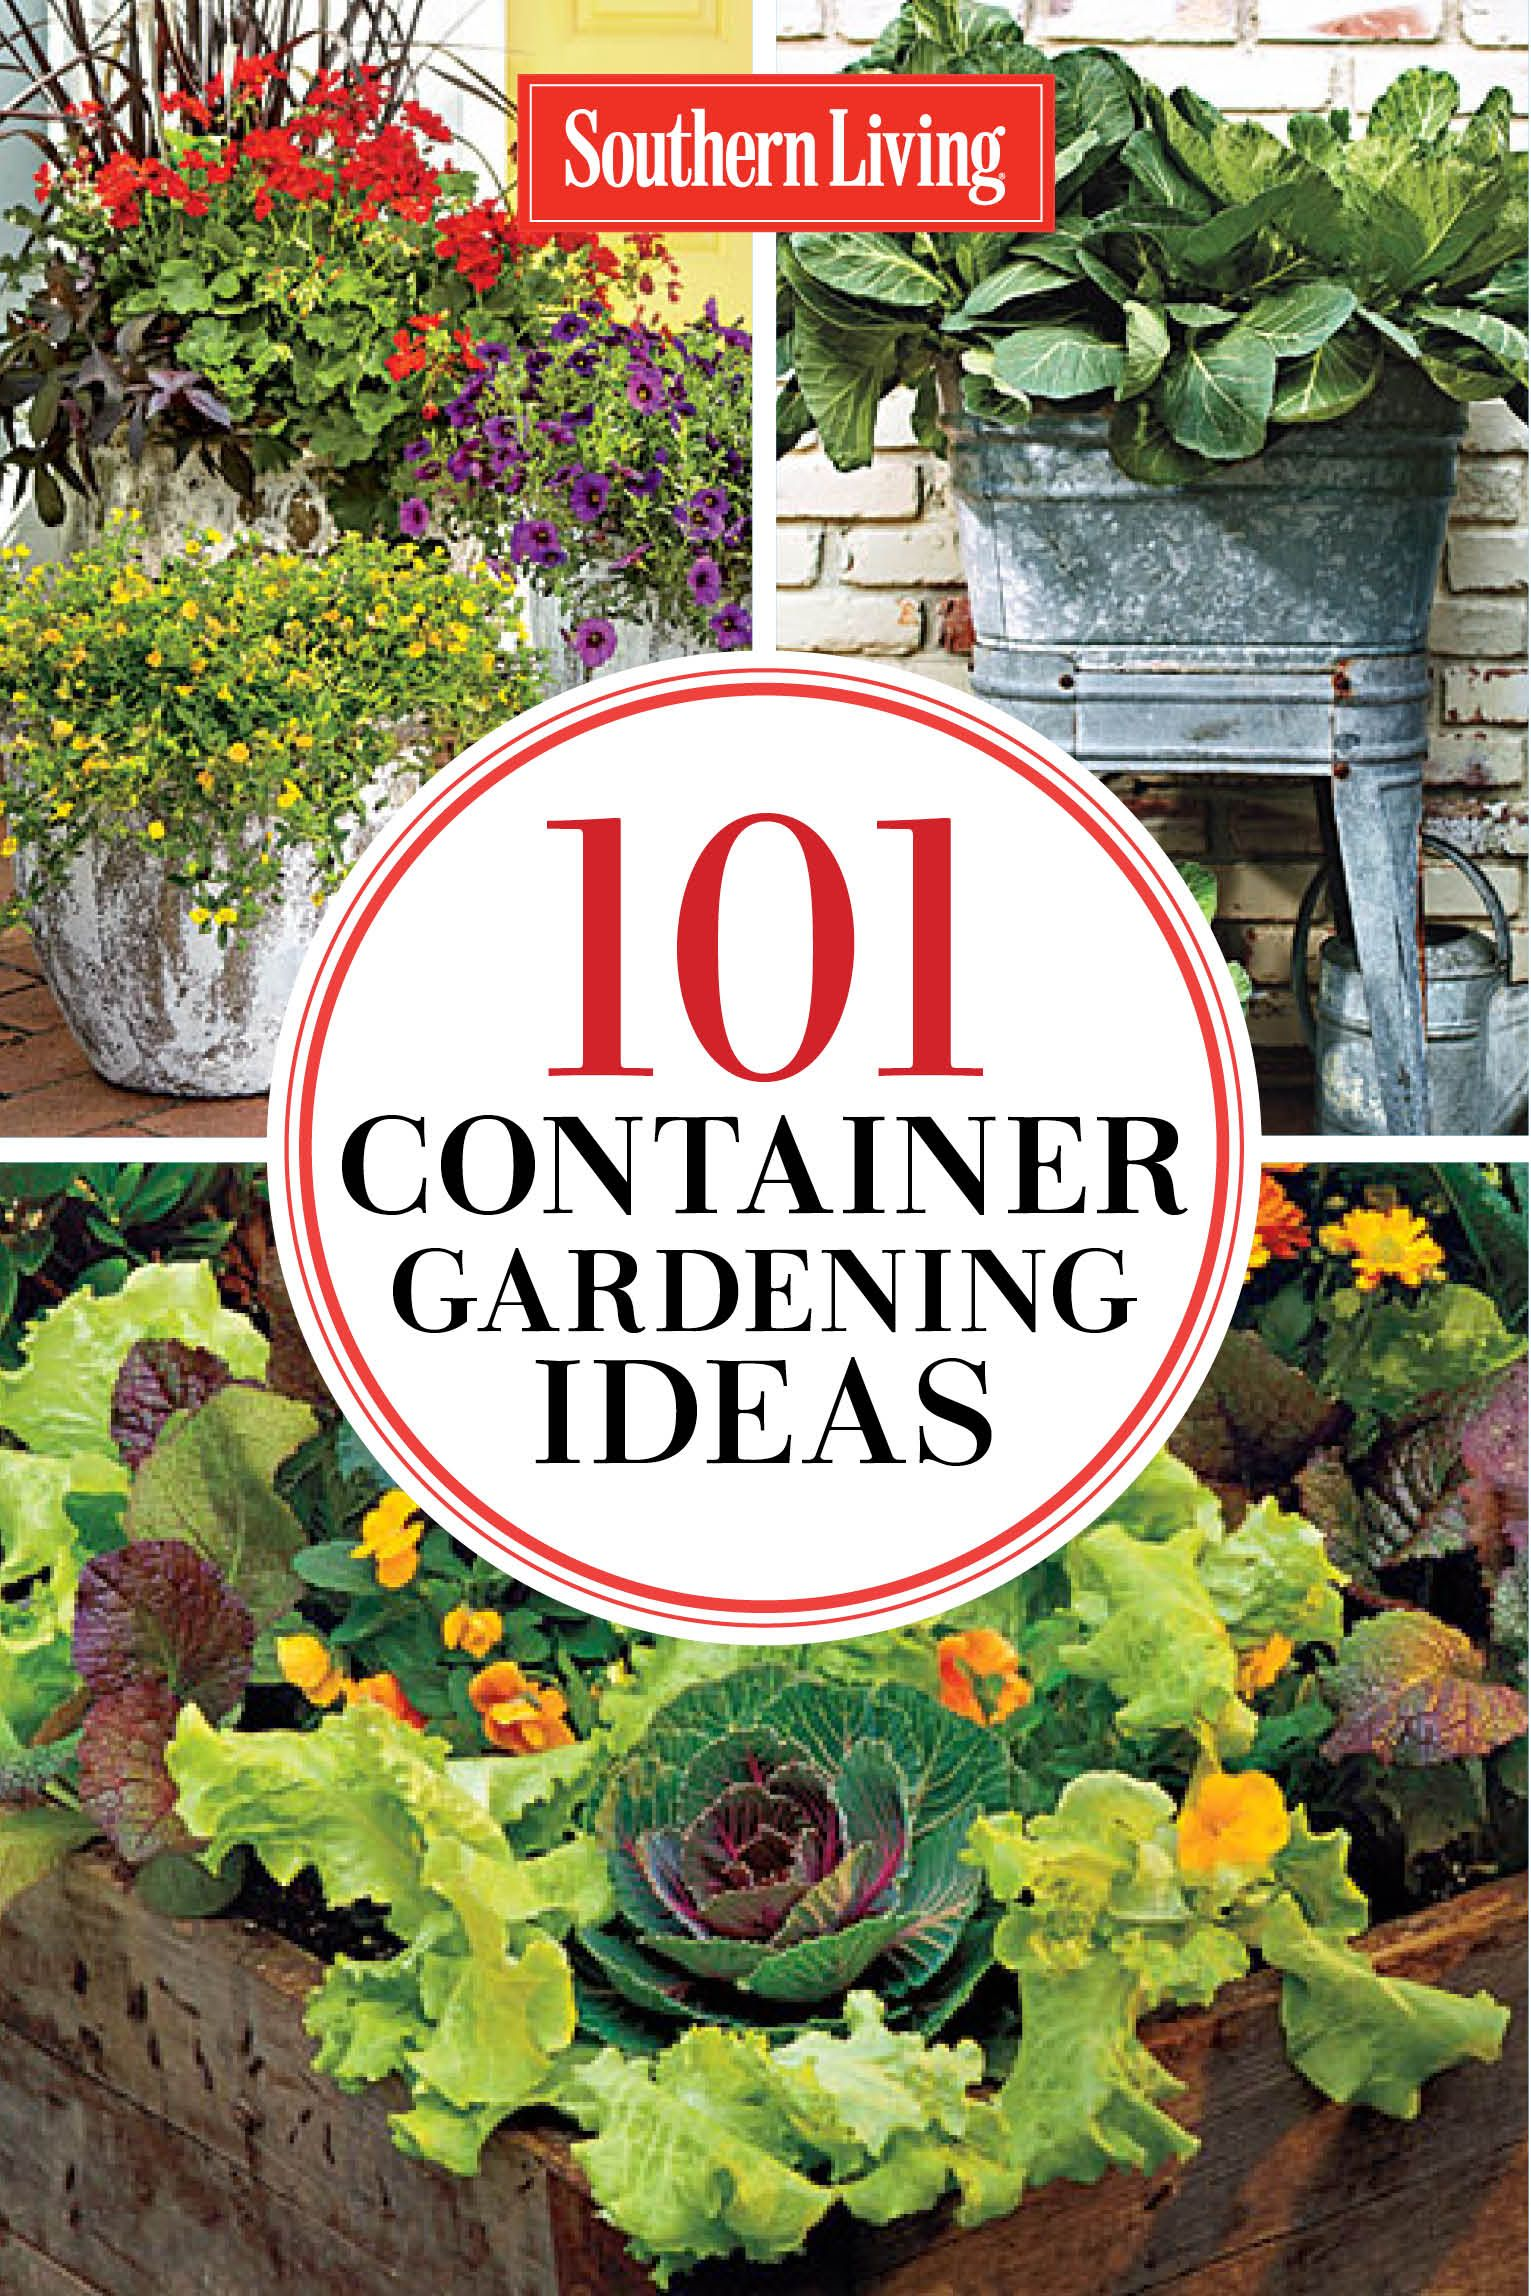 121 Container Gardening Ideas 121 Container Gardening